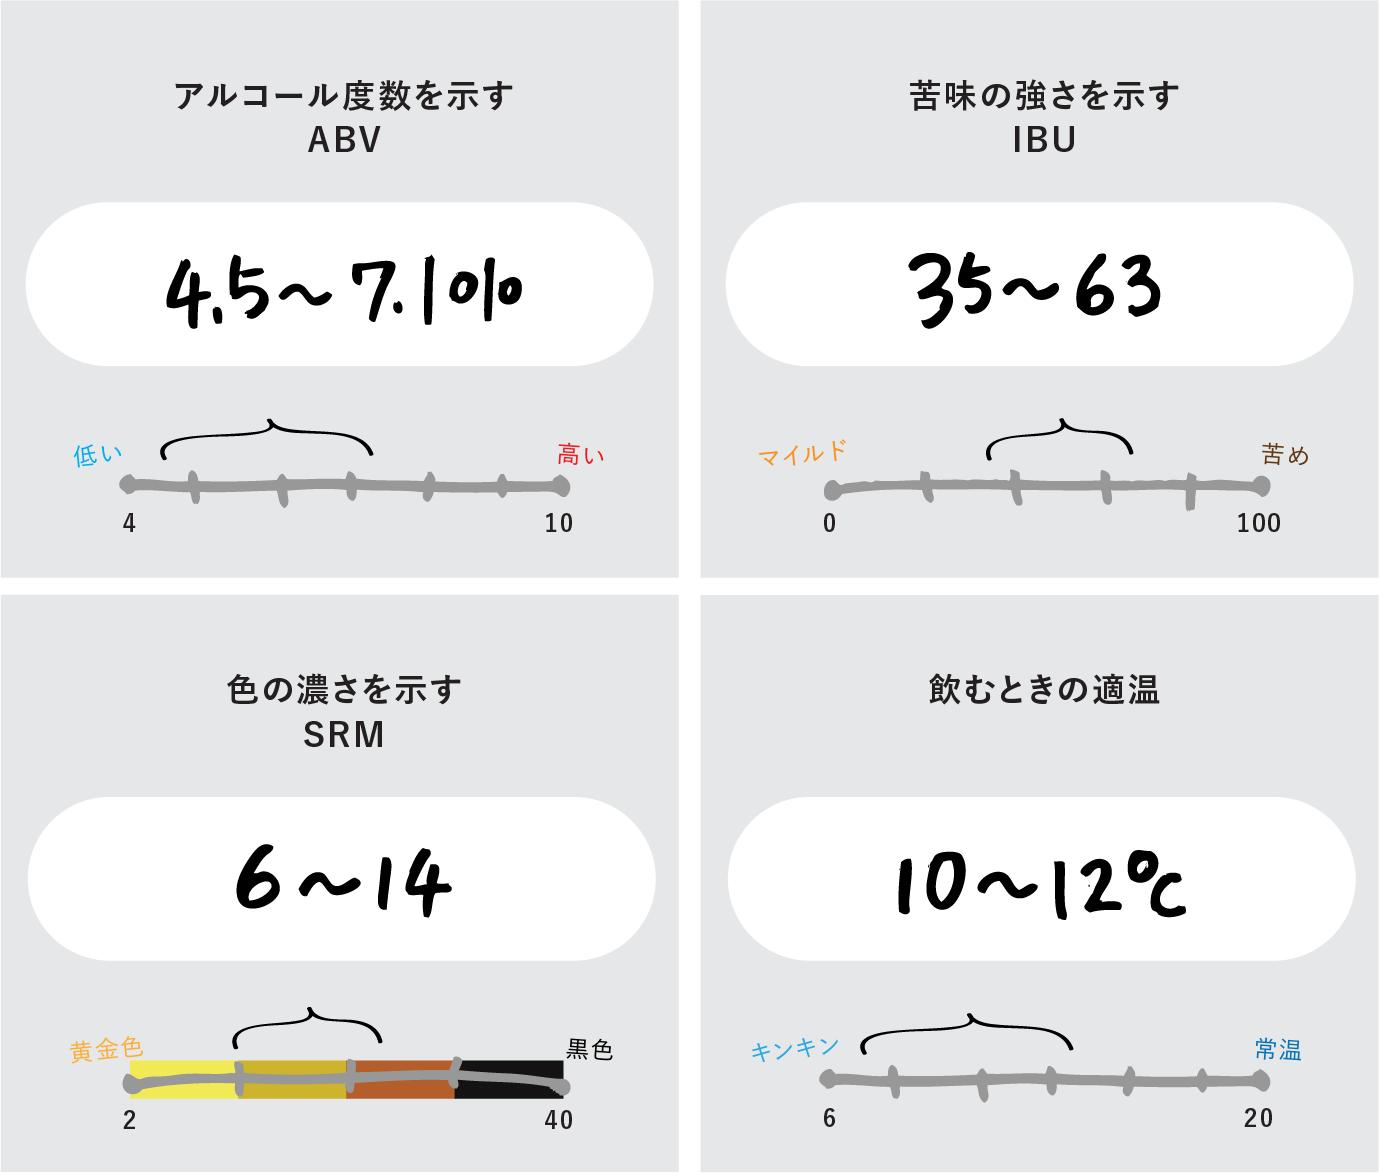 アルコール度数を示すABV:4.5〜7.1%、苦味の強さを示す1BU:35〜63、色の濃さを示すSRM:6〜14、飲むときの適温:10〜12度